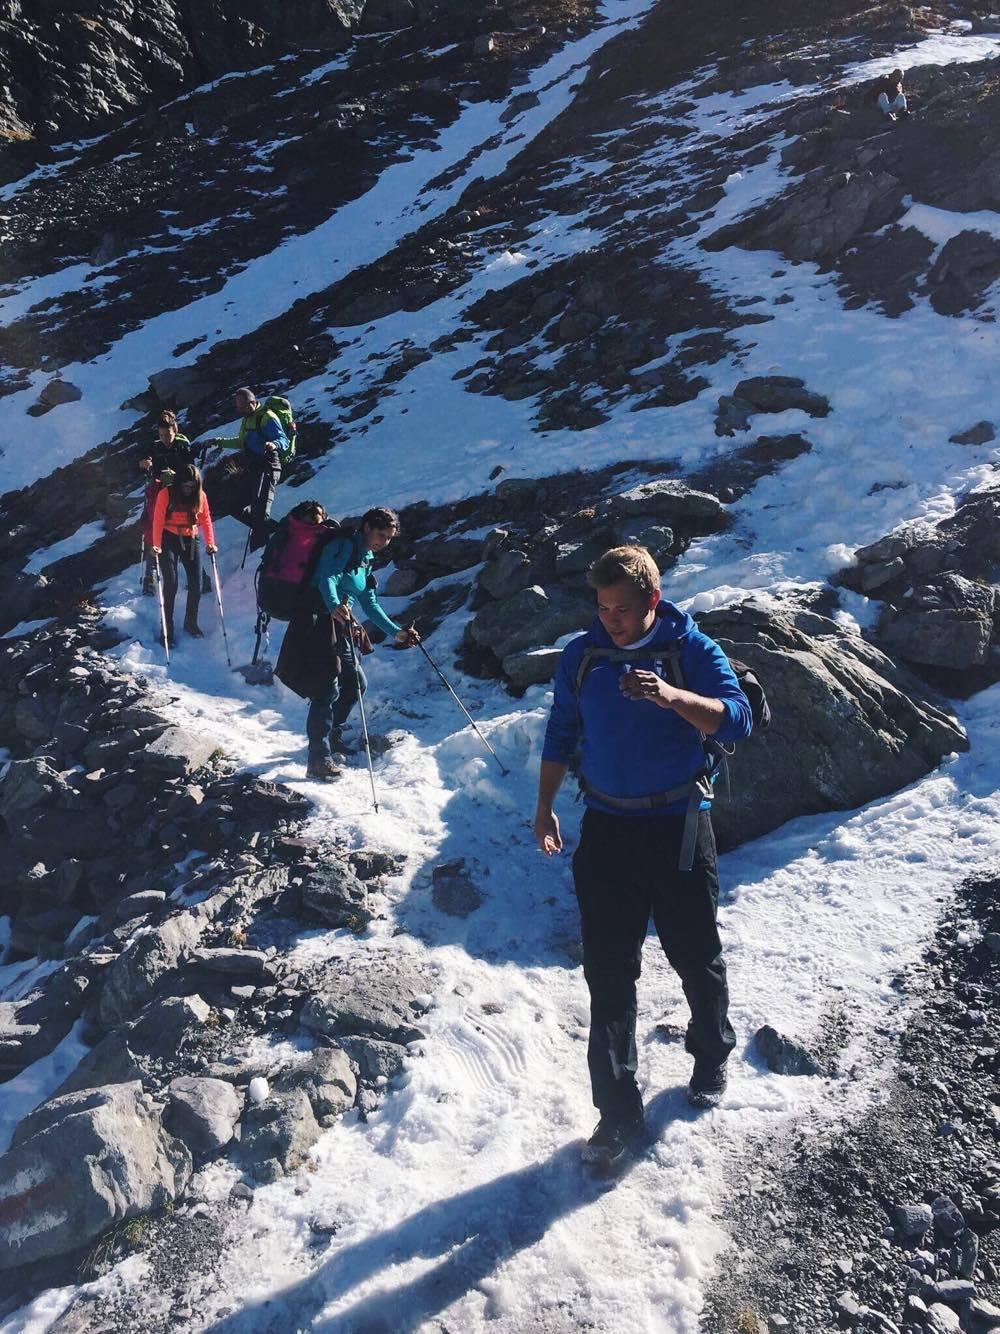 nicht alle fanden den Schnee toll - runter gehts zum Schottensee